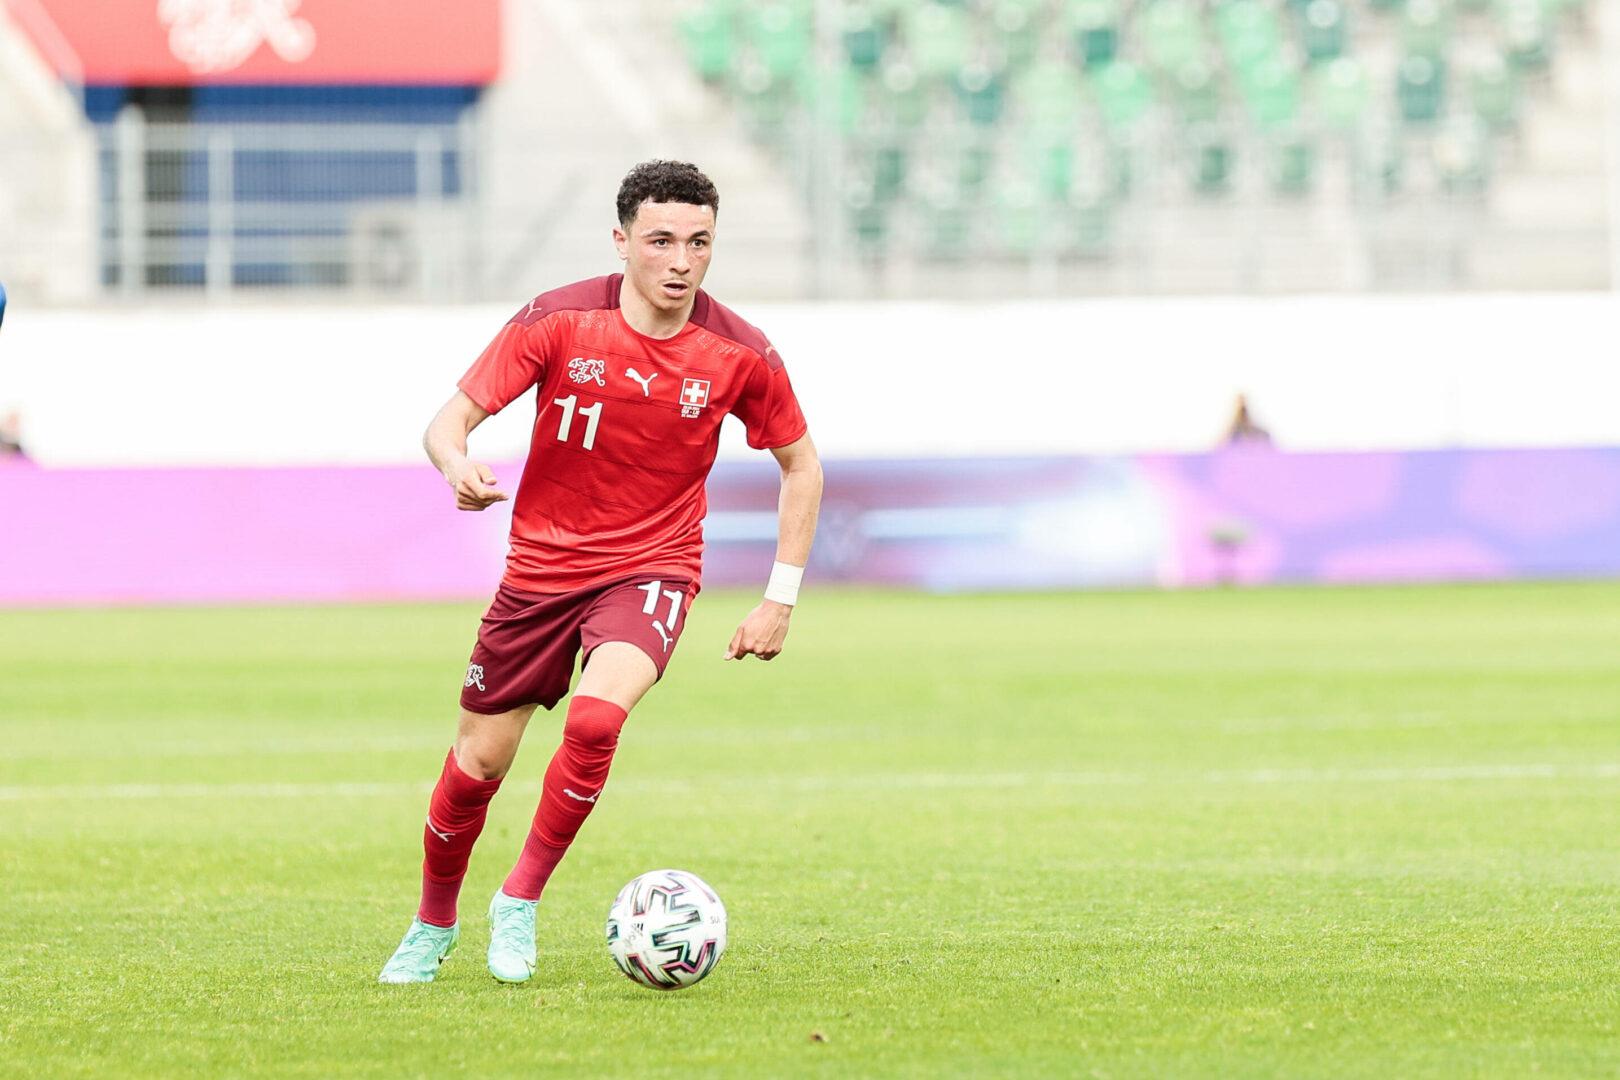 Bestätigt: Ruben Vargas verlängert Vertrag beim FC Augsburg